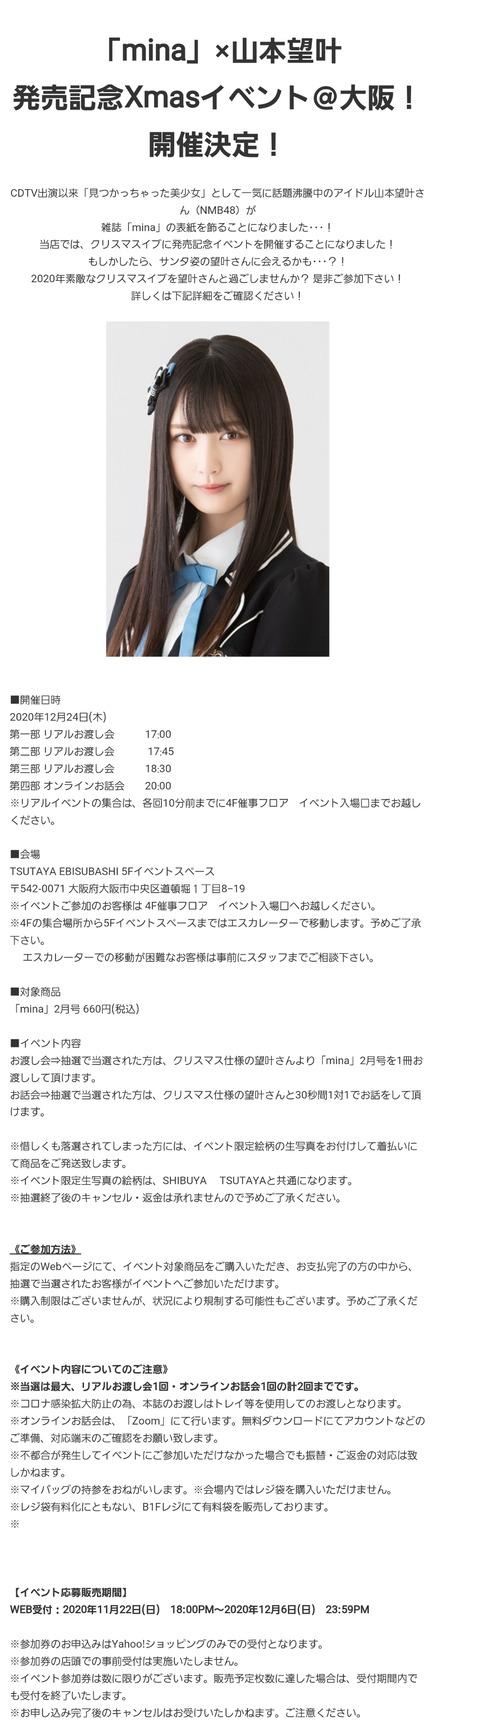 【朗報】TSUTAYA EBISUBASHIさん、「mina」×山本望叶 発売記念イベント開催決定!!!